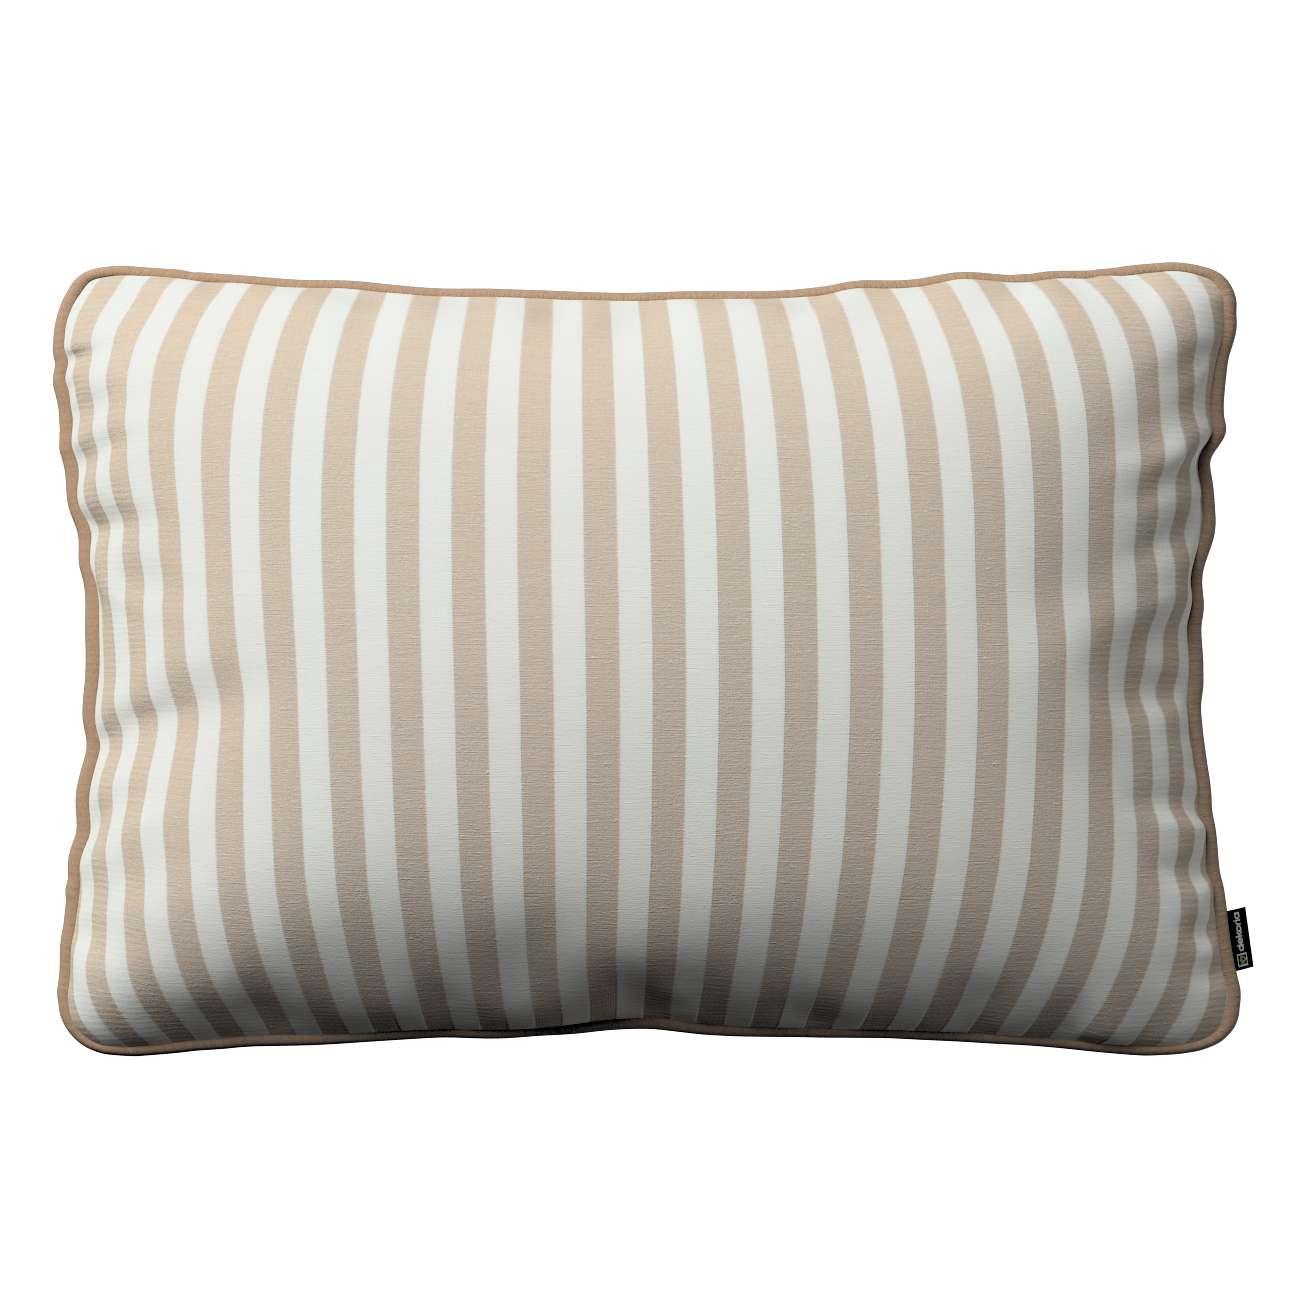 Poszewka Gabi na poduszkę prostokątna 60x40cm w kolekcji Quadro, tkanina: 136-07